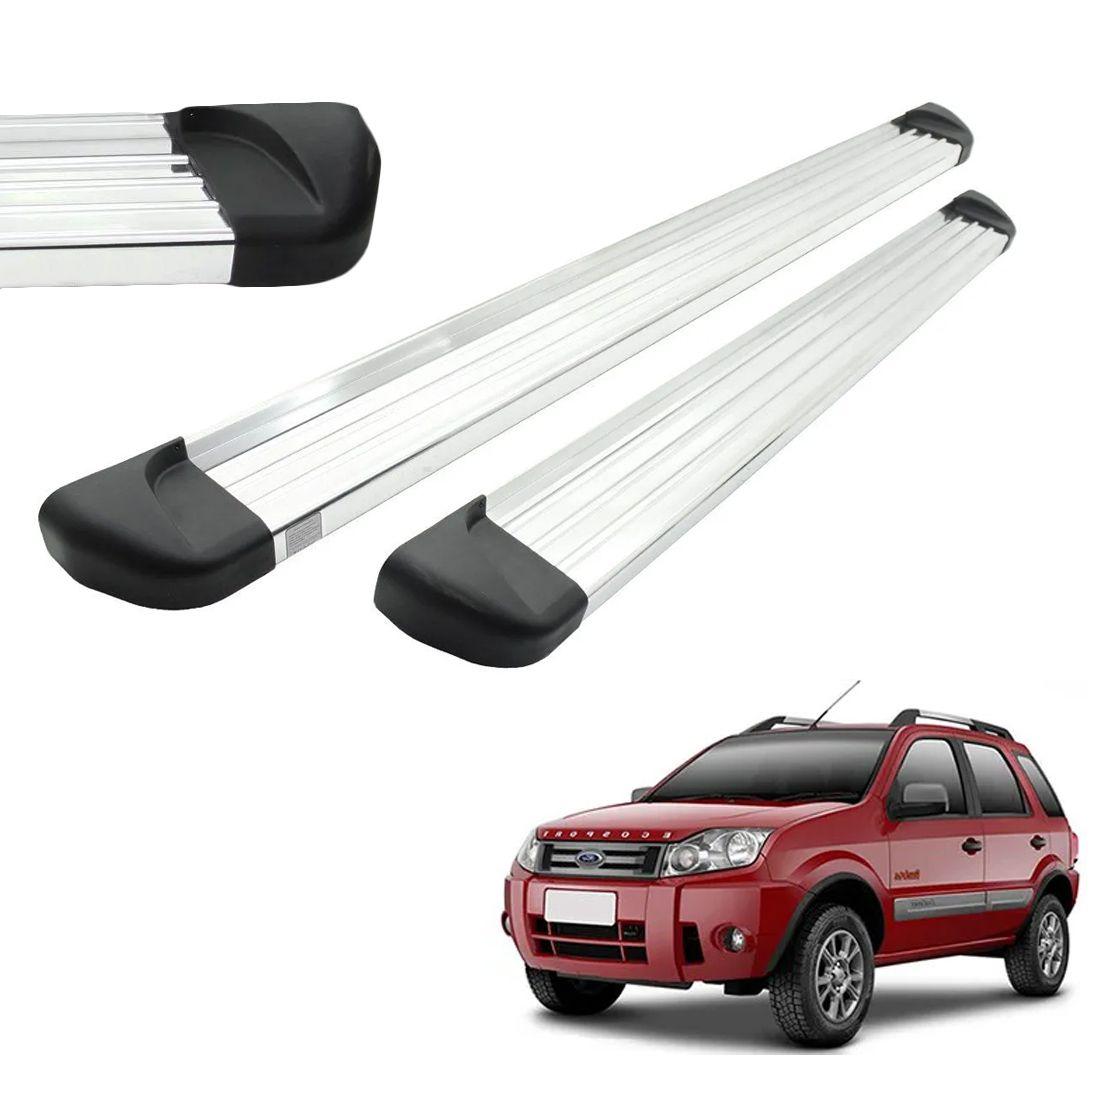 Estribo Aluminio Polido Ecosport 2003 a 2010 2011 2012